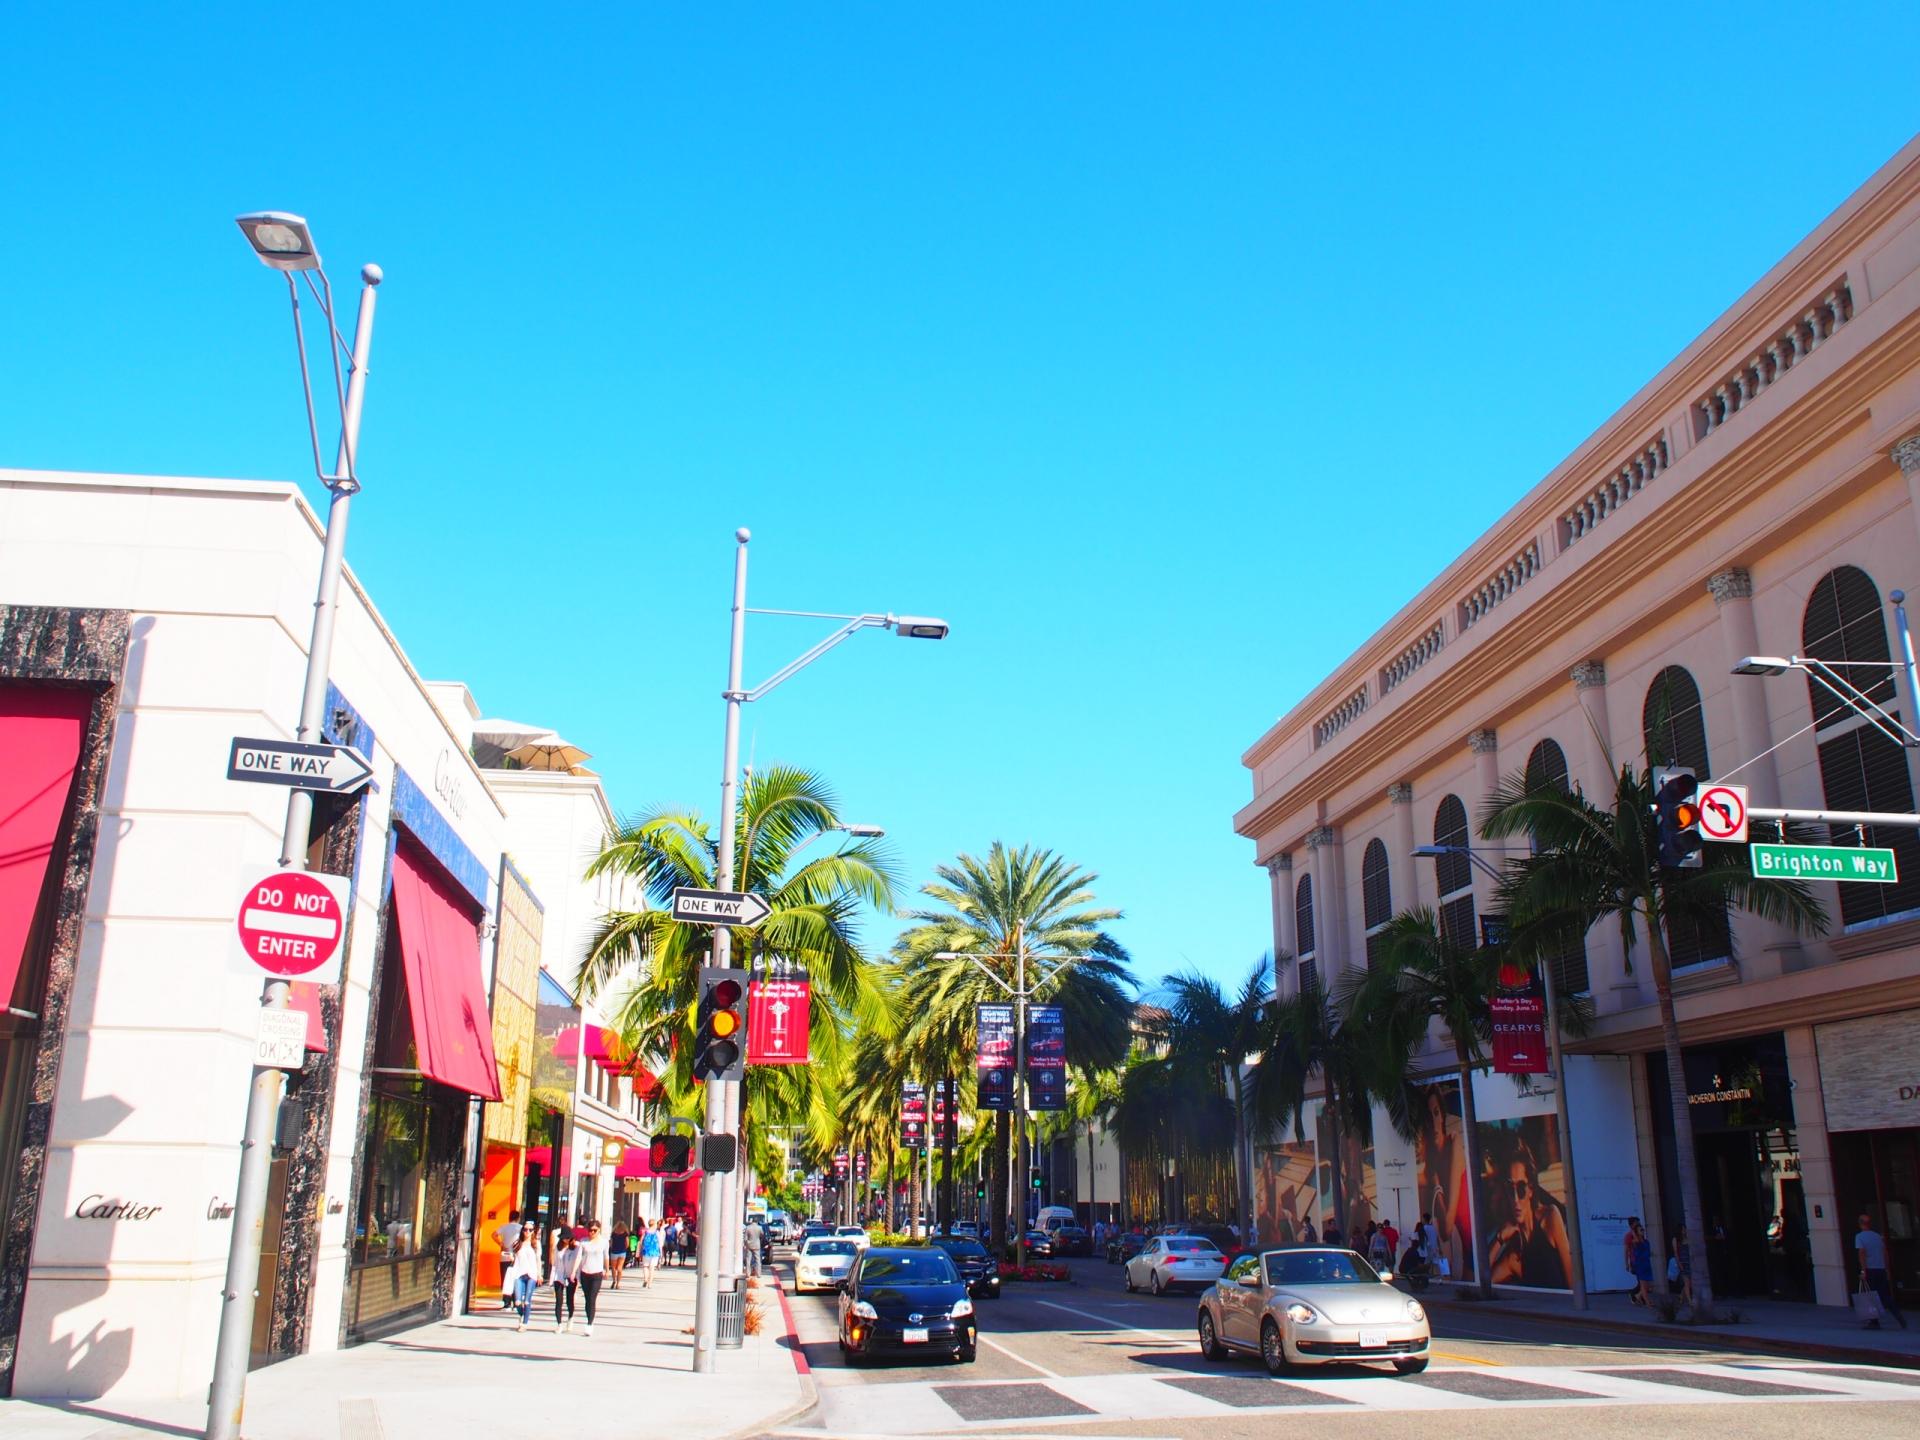 ロサンゼルス風景1